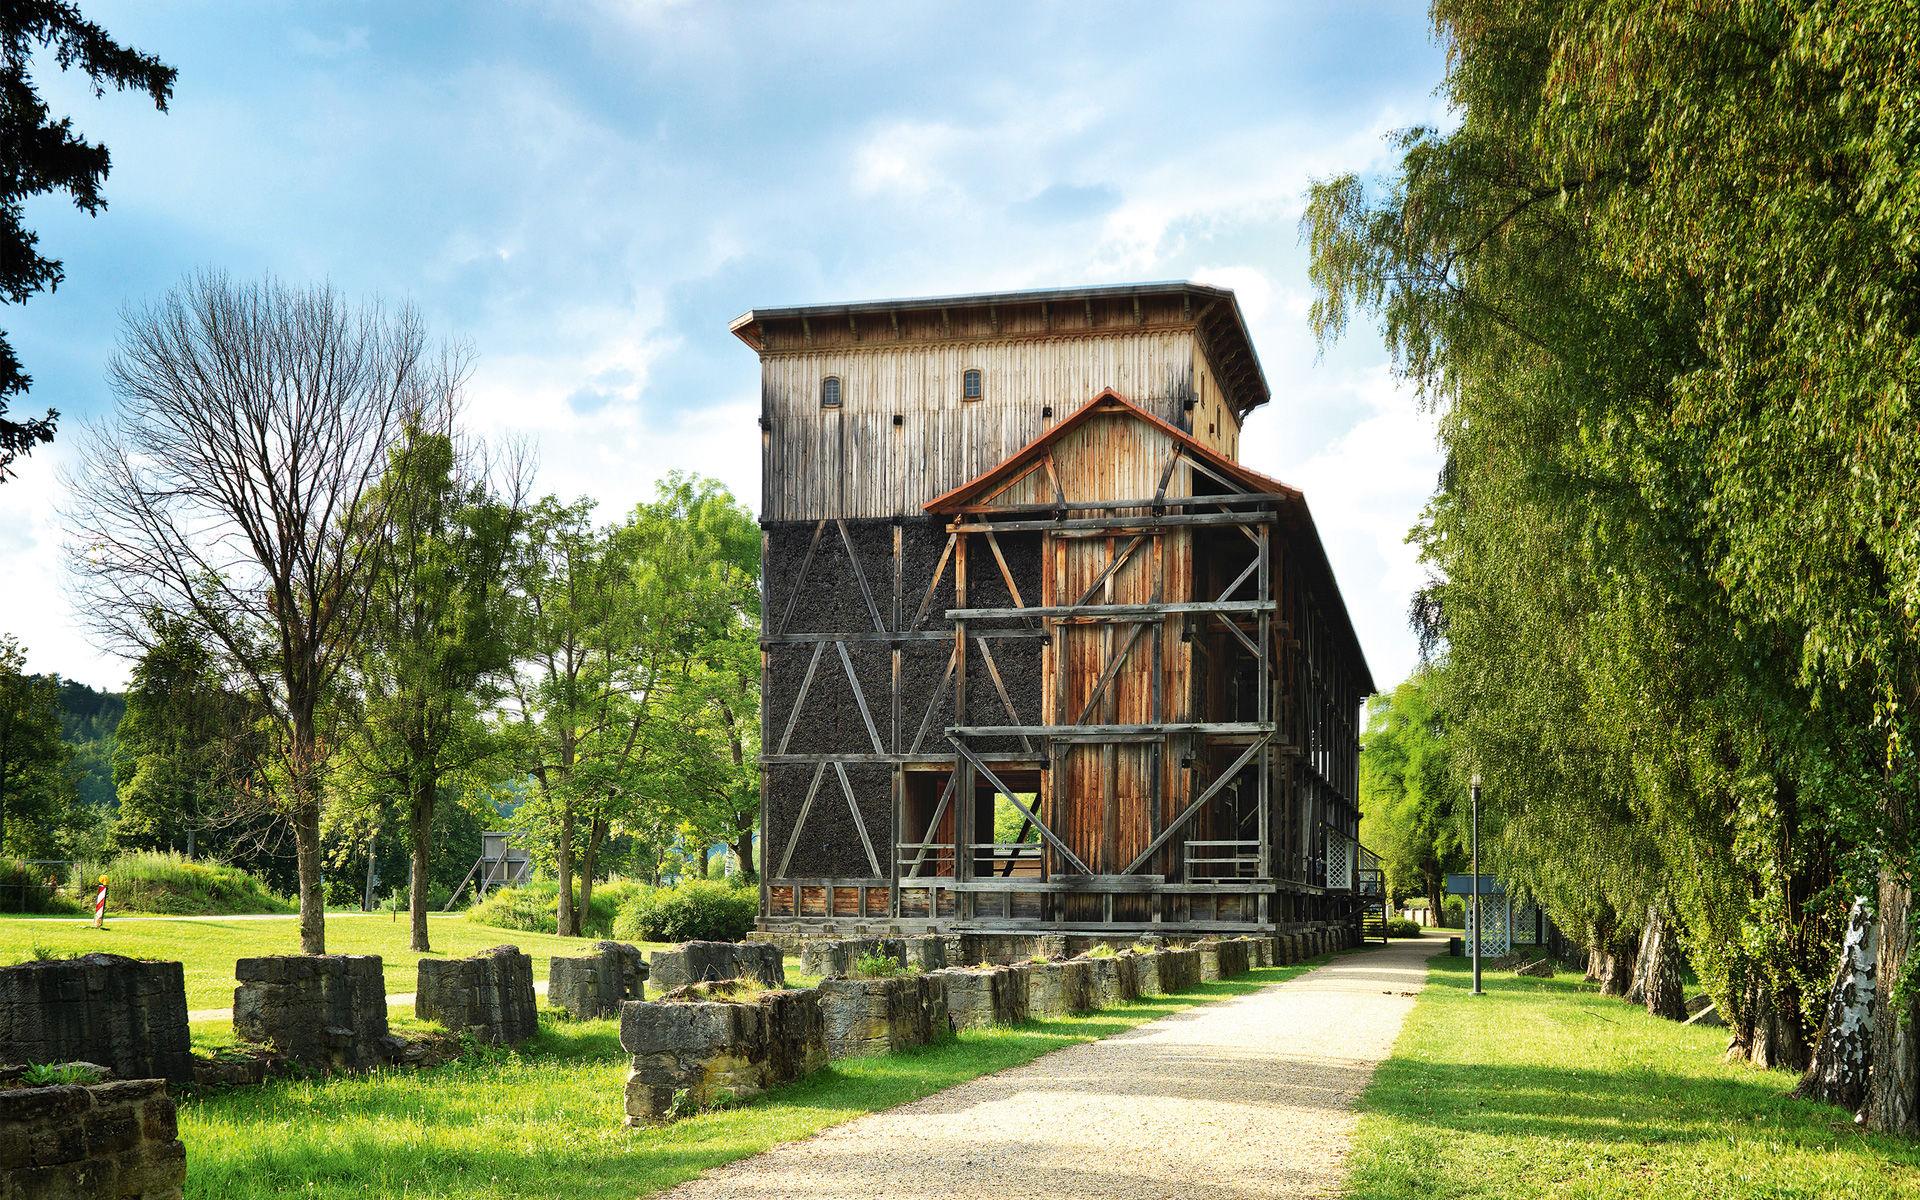 Weg zum Gradierwerk in Bad Kissingen